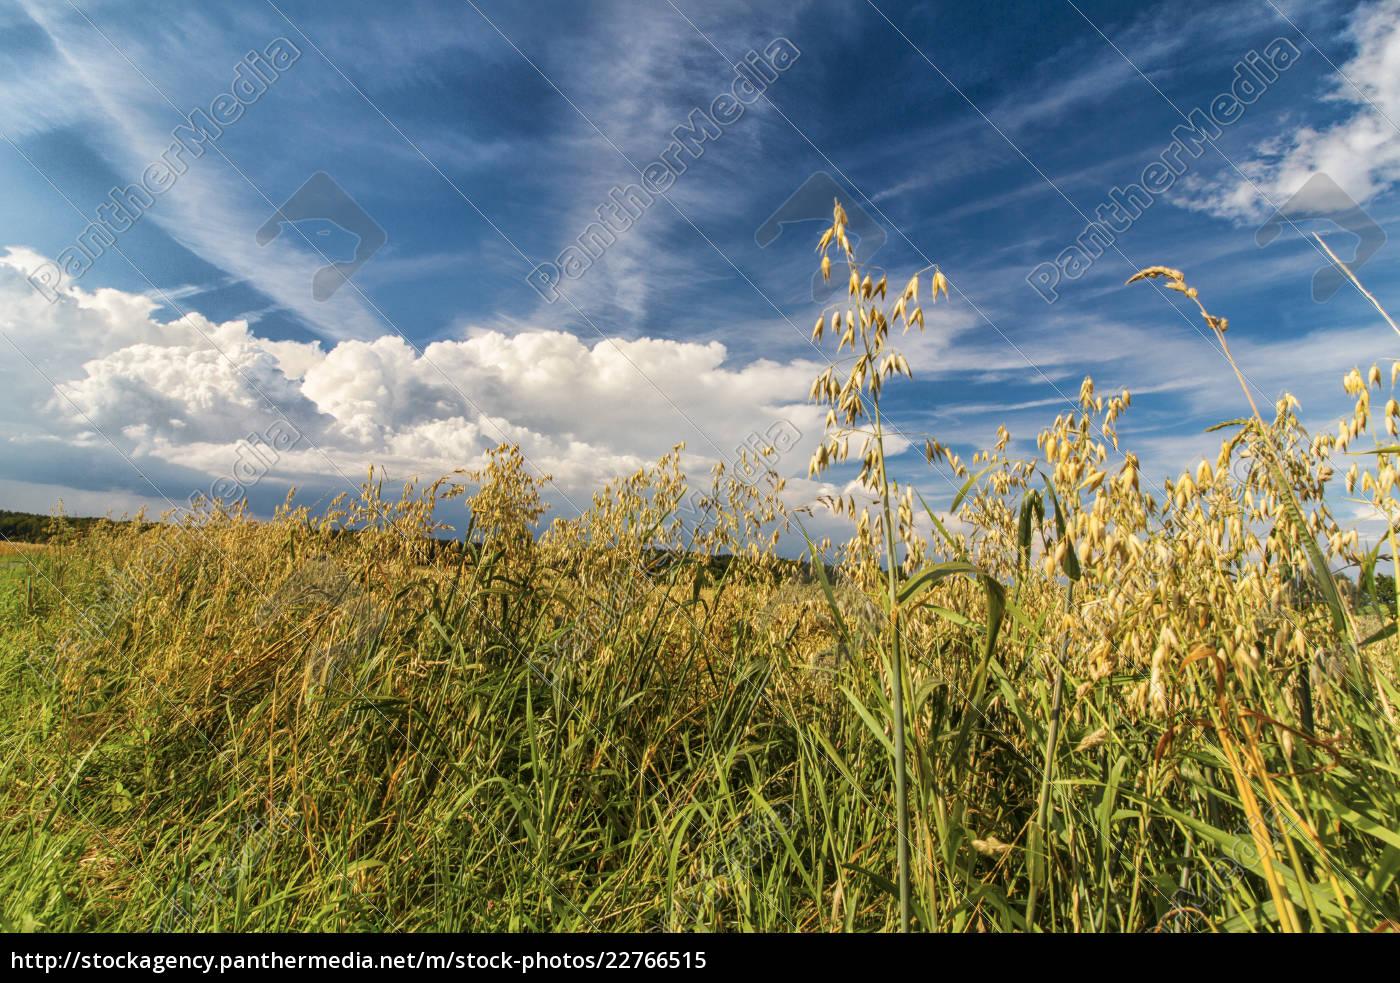 haferfeld, im, sommer, bei, blauem, himmel - 22766515